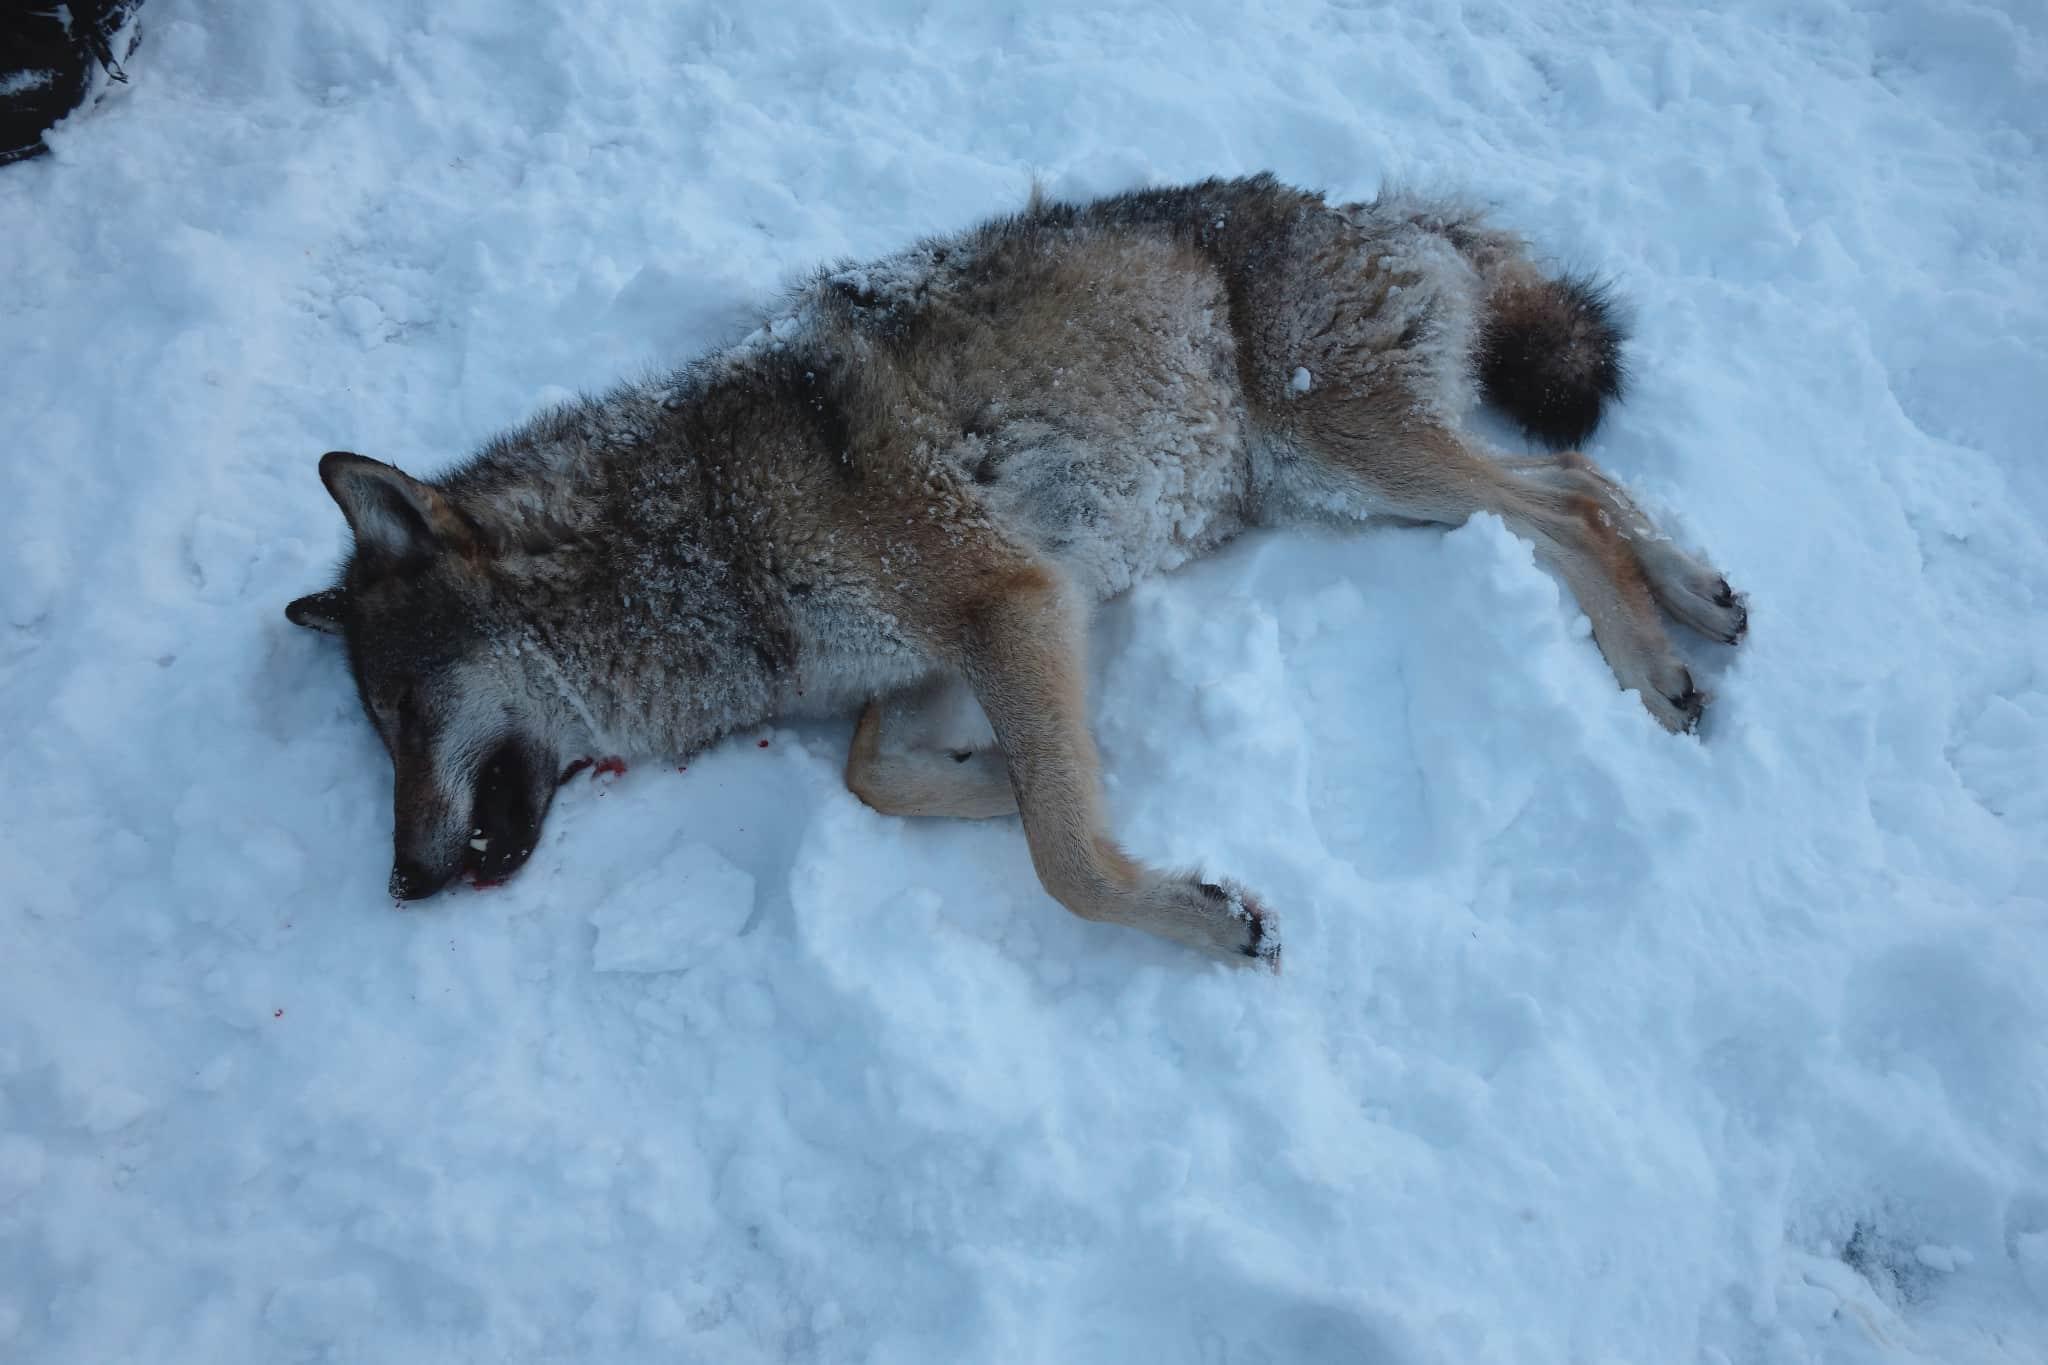 En av vargarna som avlivades av länsstyrelsen i Njaarke sameby. Foto: Privat